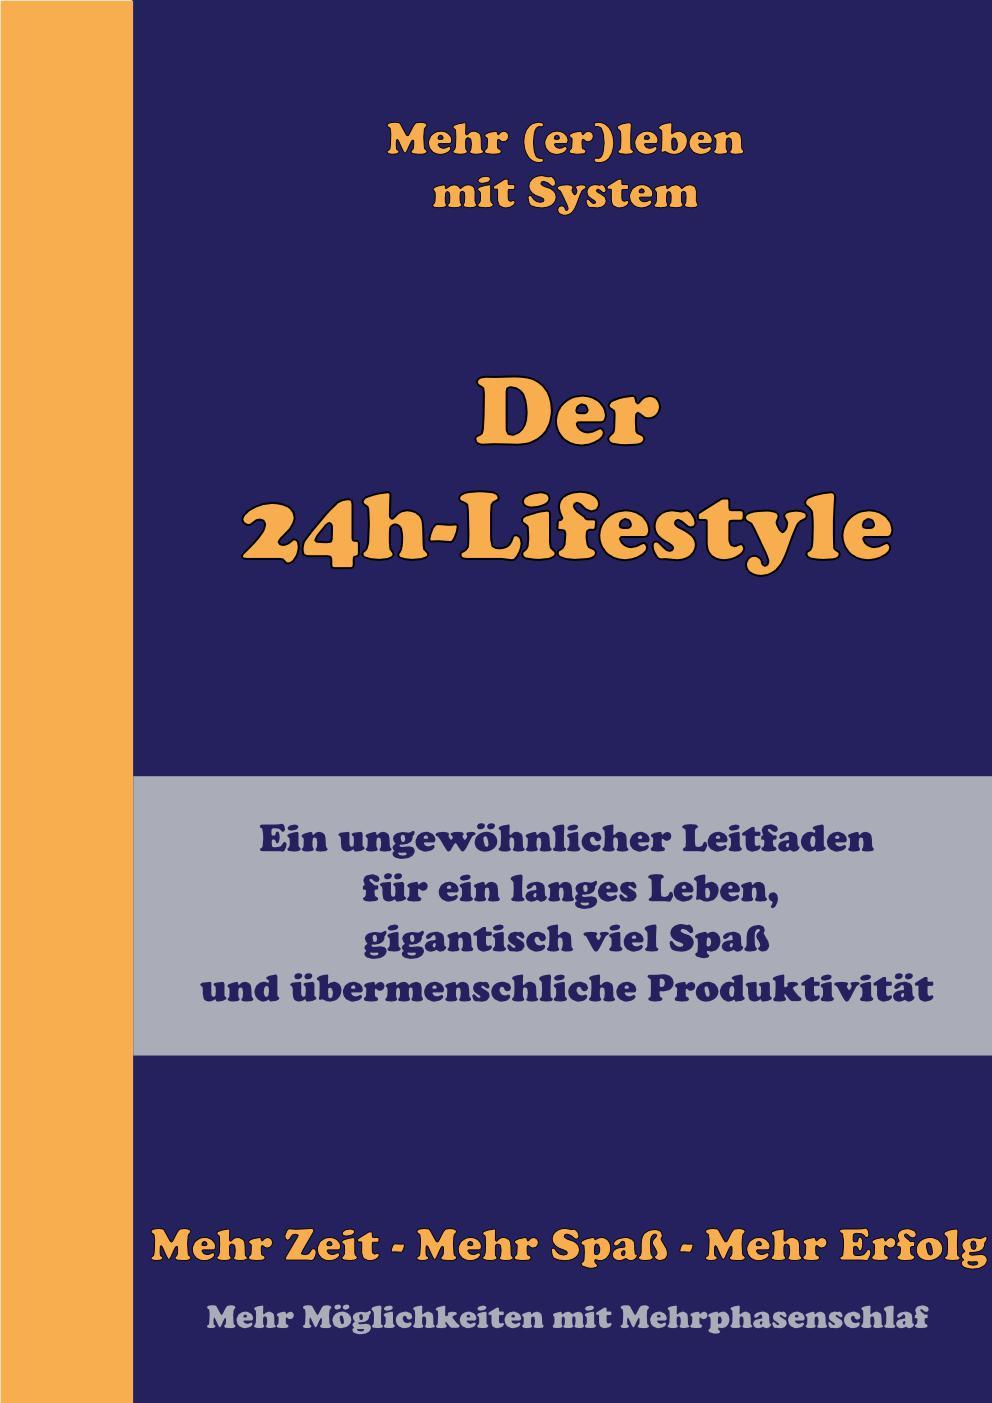 Der Der 24h-Lifestyle ist eine Art zu leben, bei der Du durch den konsequenten Einsatz verschiedener Methoden und Techniken und durch Mehrphasenschlaf zu viel mehr Zeit und Energie für Projekte und Hobbies gelangst. Und dadurch zu mehr Erfolg, Zufriedenheit und Glück.